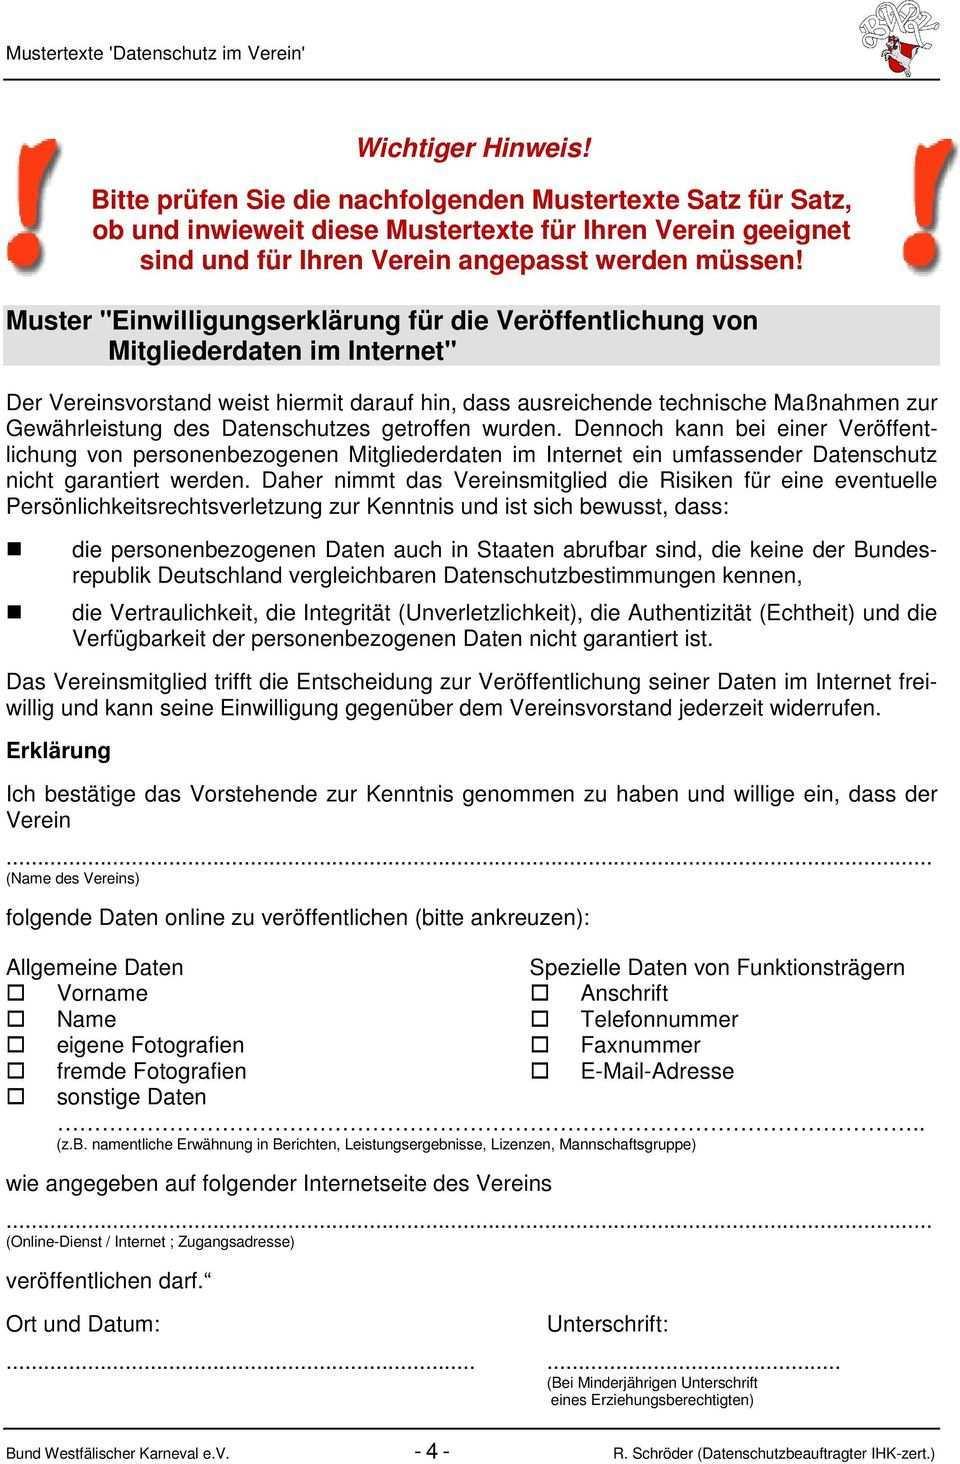 Mustertexte Zum Umgang Mit Personenbezogenen Daten Im Vereinsleben Datenschutz Pdf Free Download